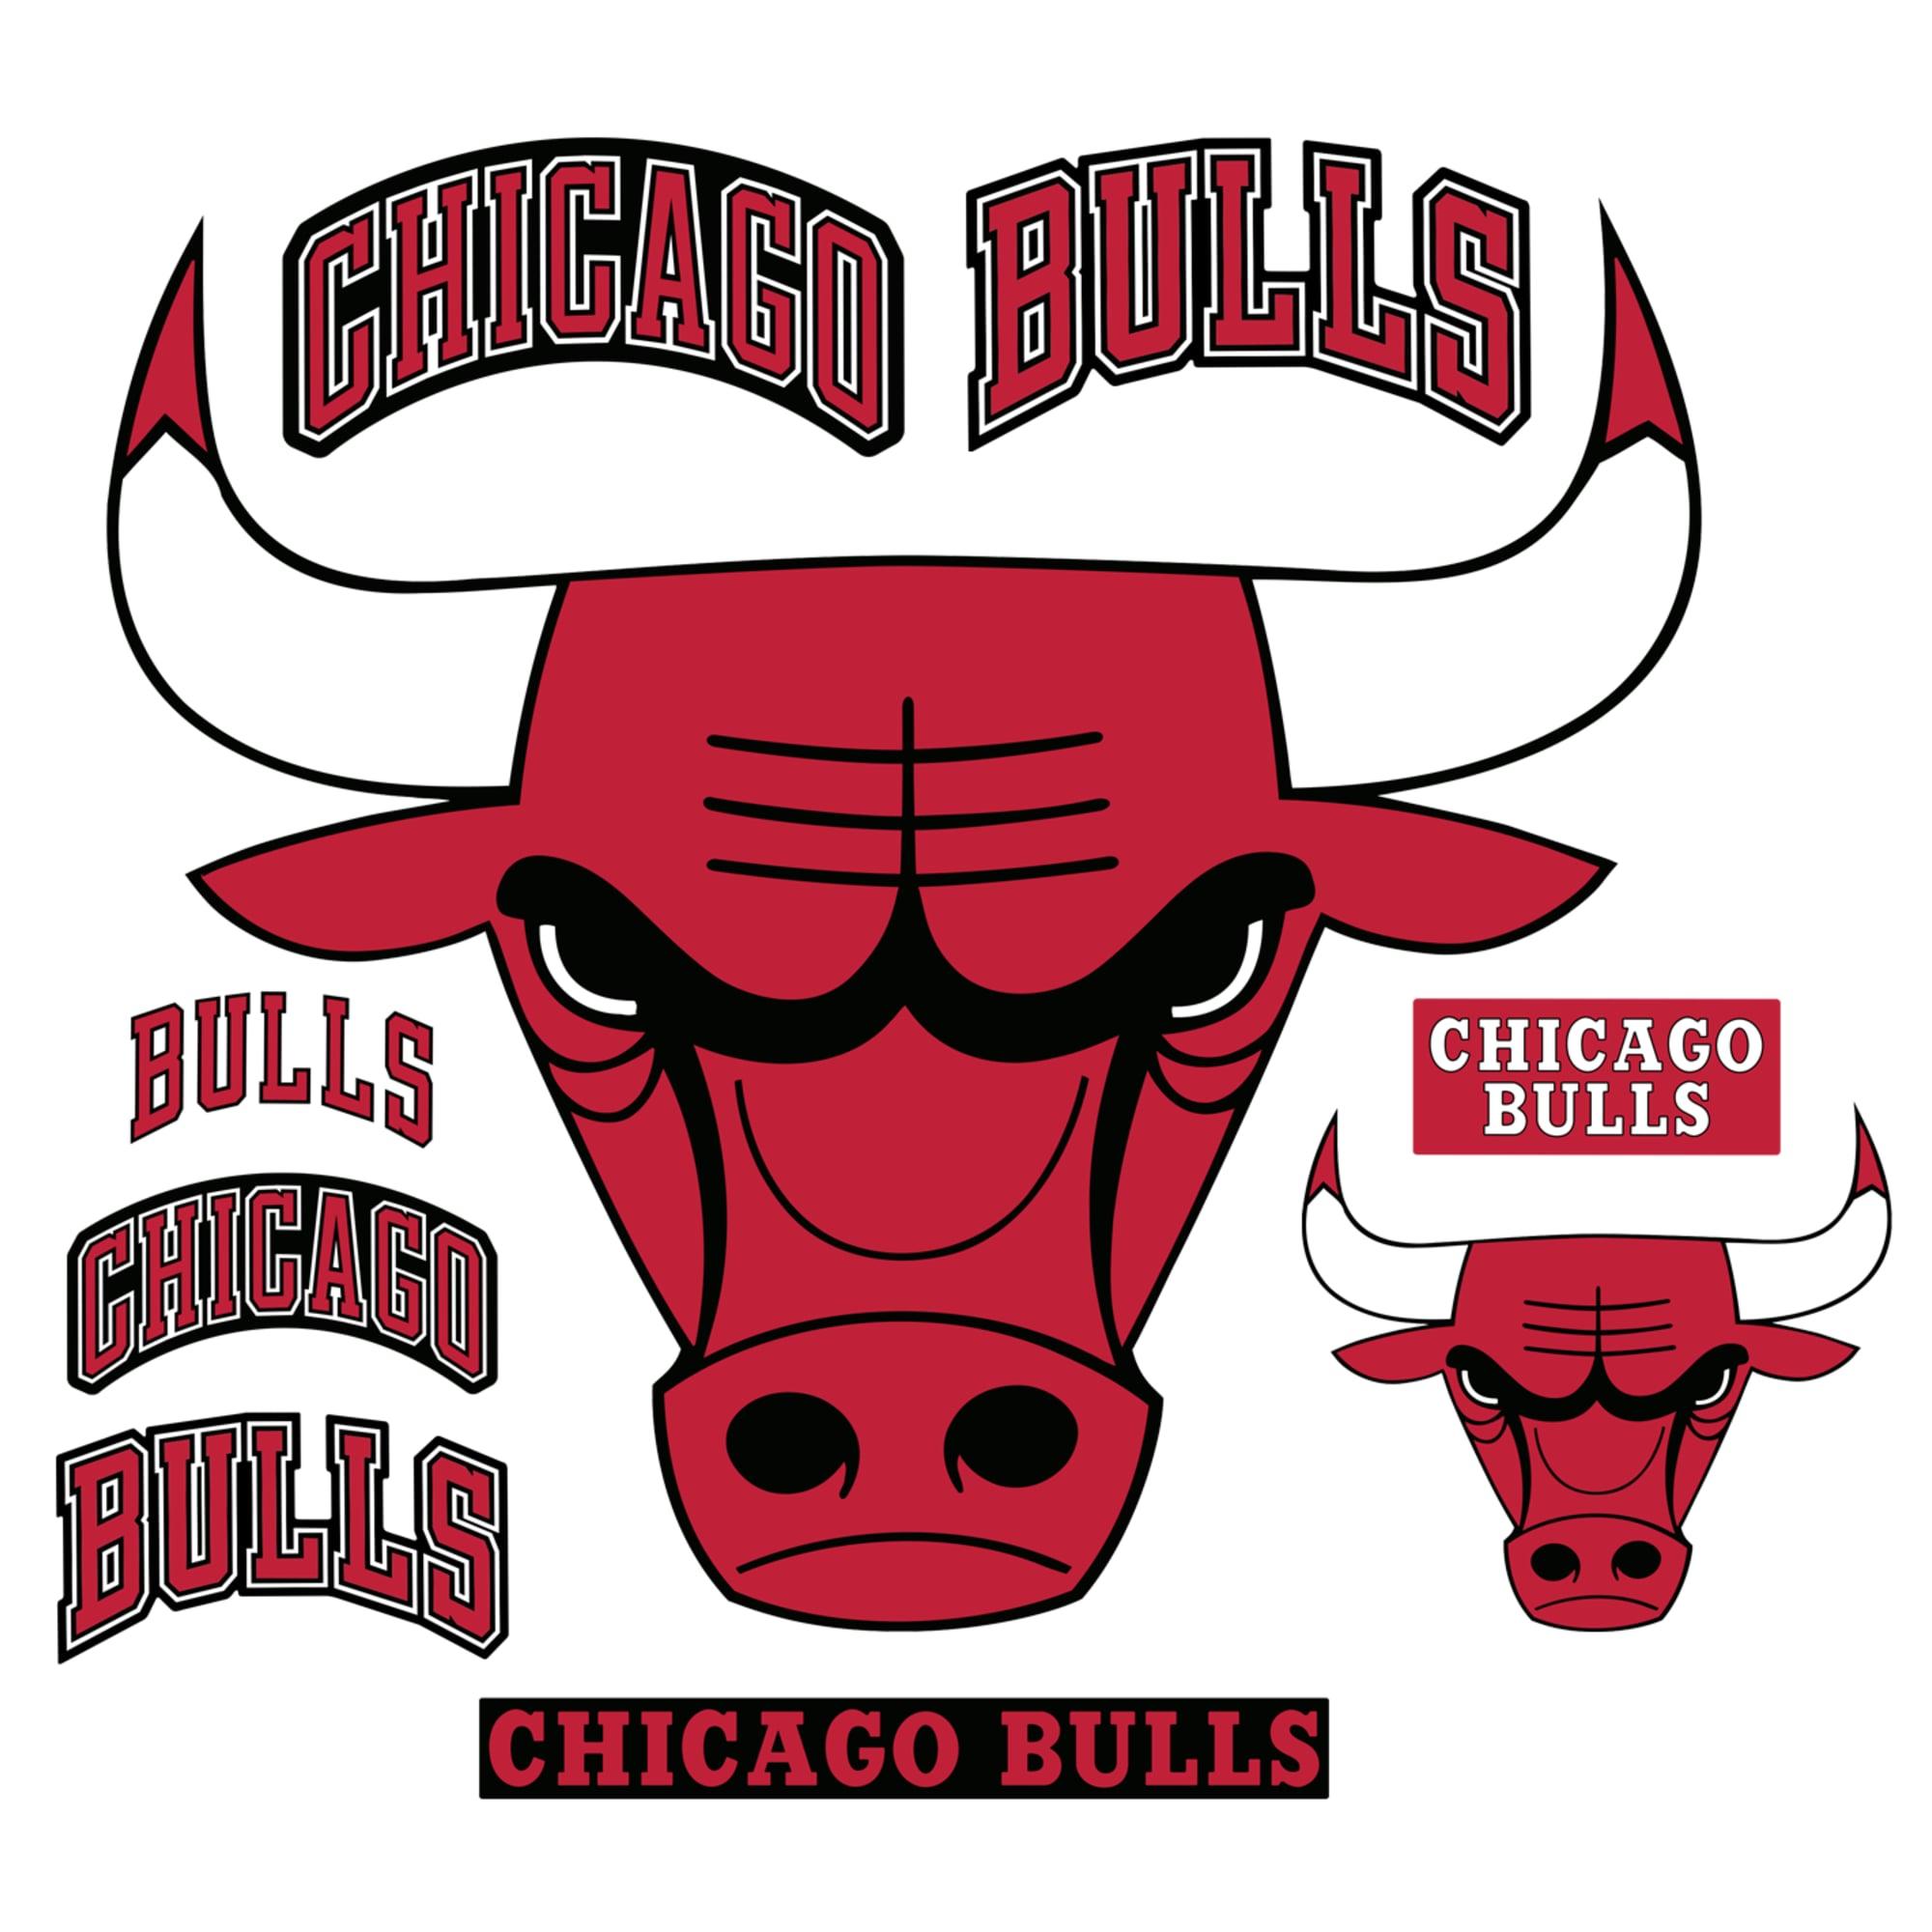 Chicago Bulls Logo Giant Officially Licensed Nba Removable Wall Decal Chicago Bulls Logo Chicago Bulls Bull Logo